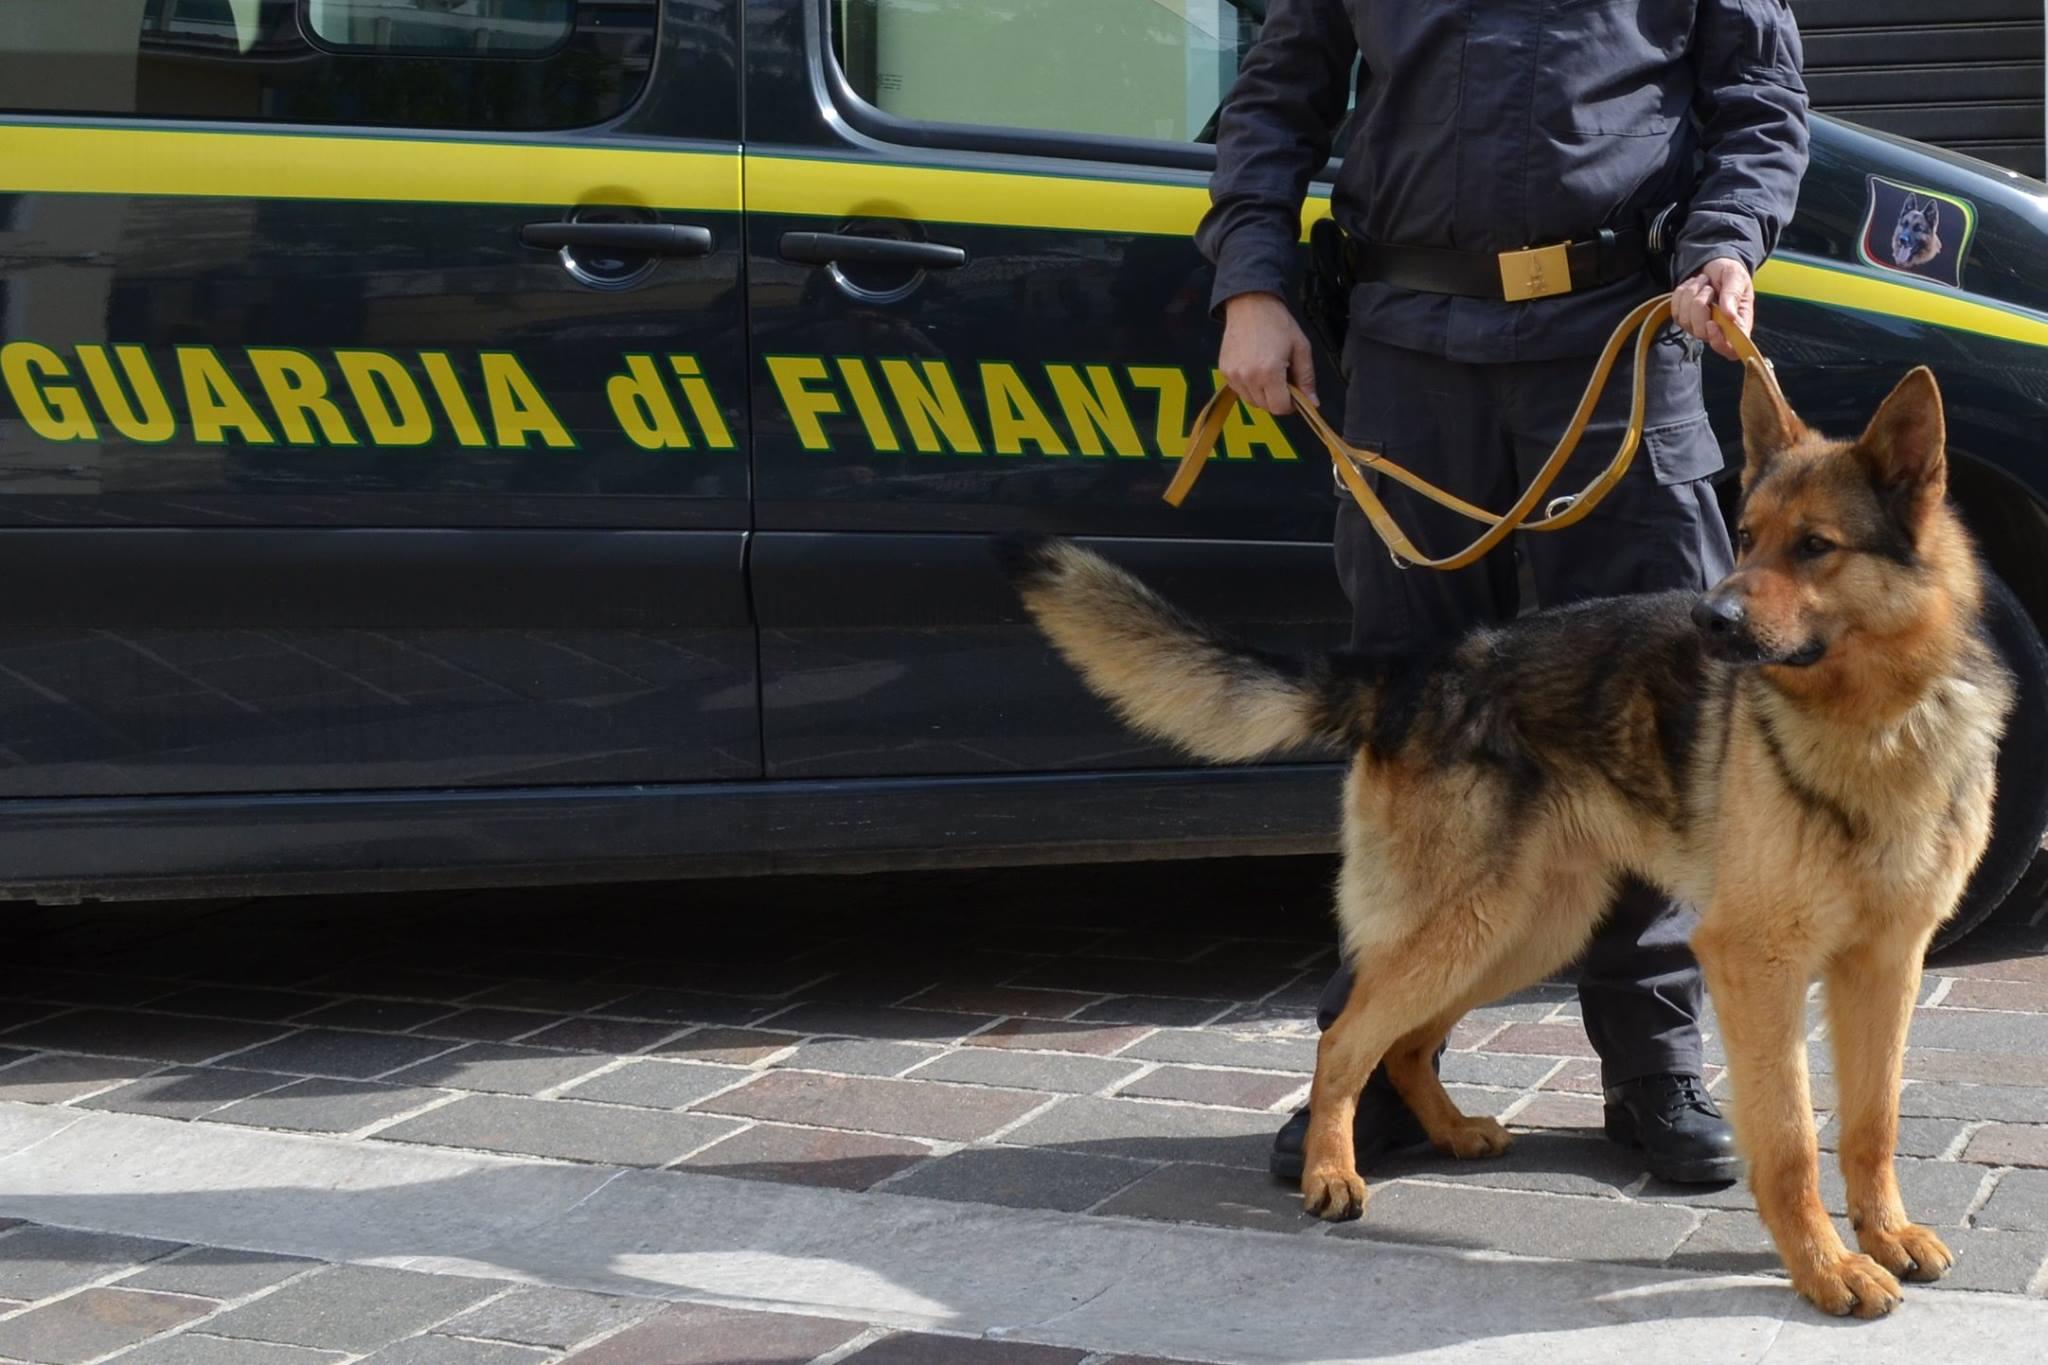 Panetti di hashish nel borsello, giovane di Bagheria arrestato ad Agrigento